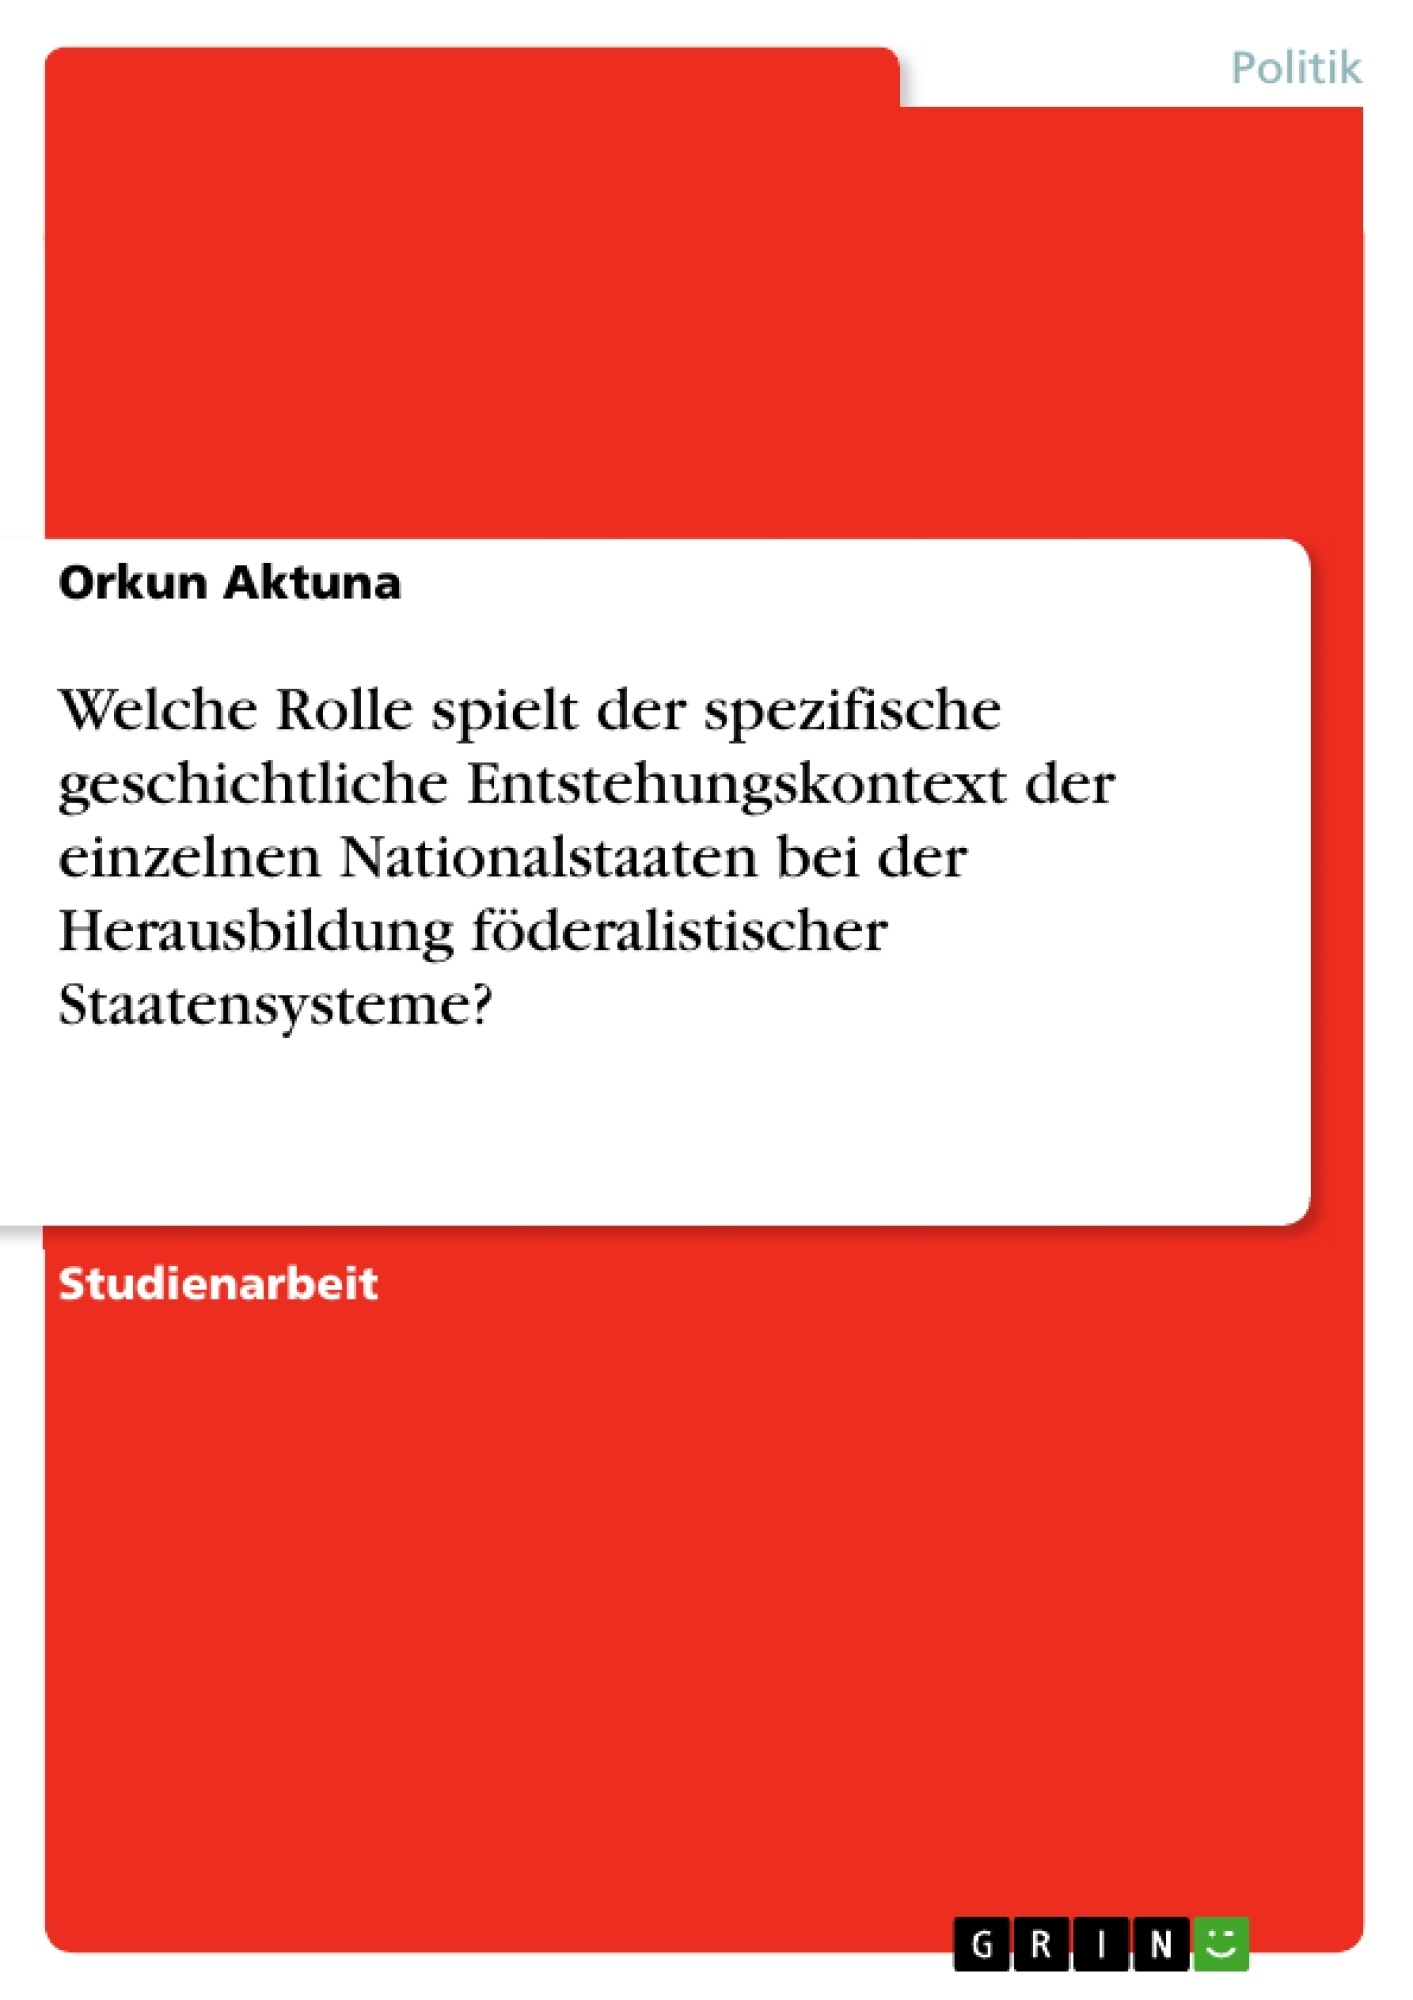 Titel: Welche Rolle spielt der spezifische geschichtliche Entstehungskontext der einzelnen Nationalstaaten bei der Herausbildung föderalistischer Staatensysteme?